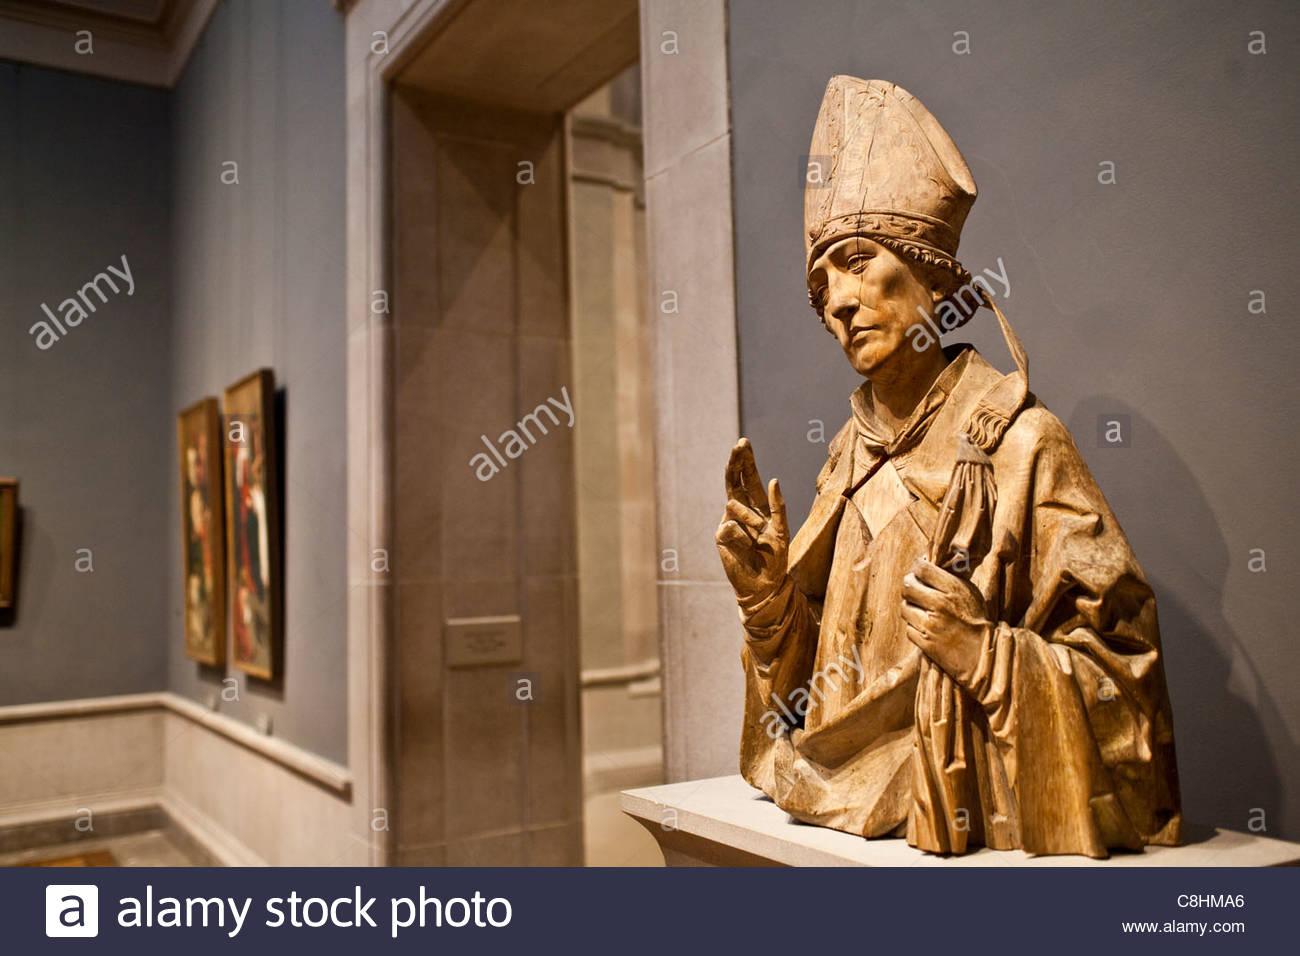 L'art européen, 16e. Siècle, Un évêque Saint par Tilman Riemenschneider. Photo Stock